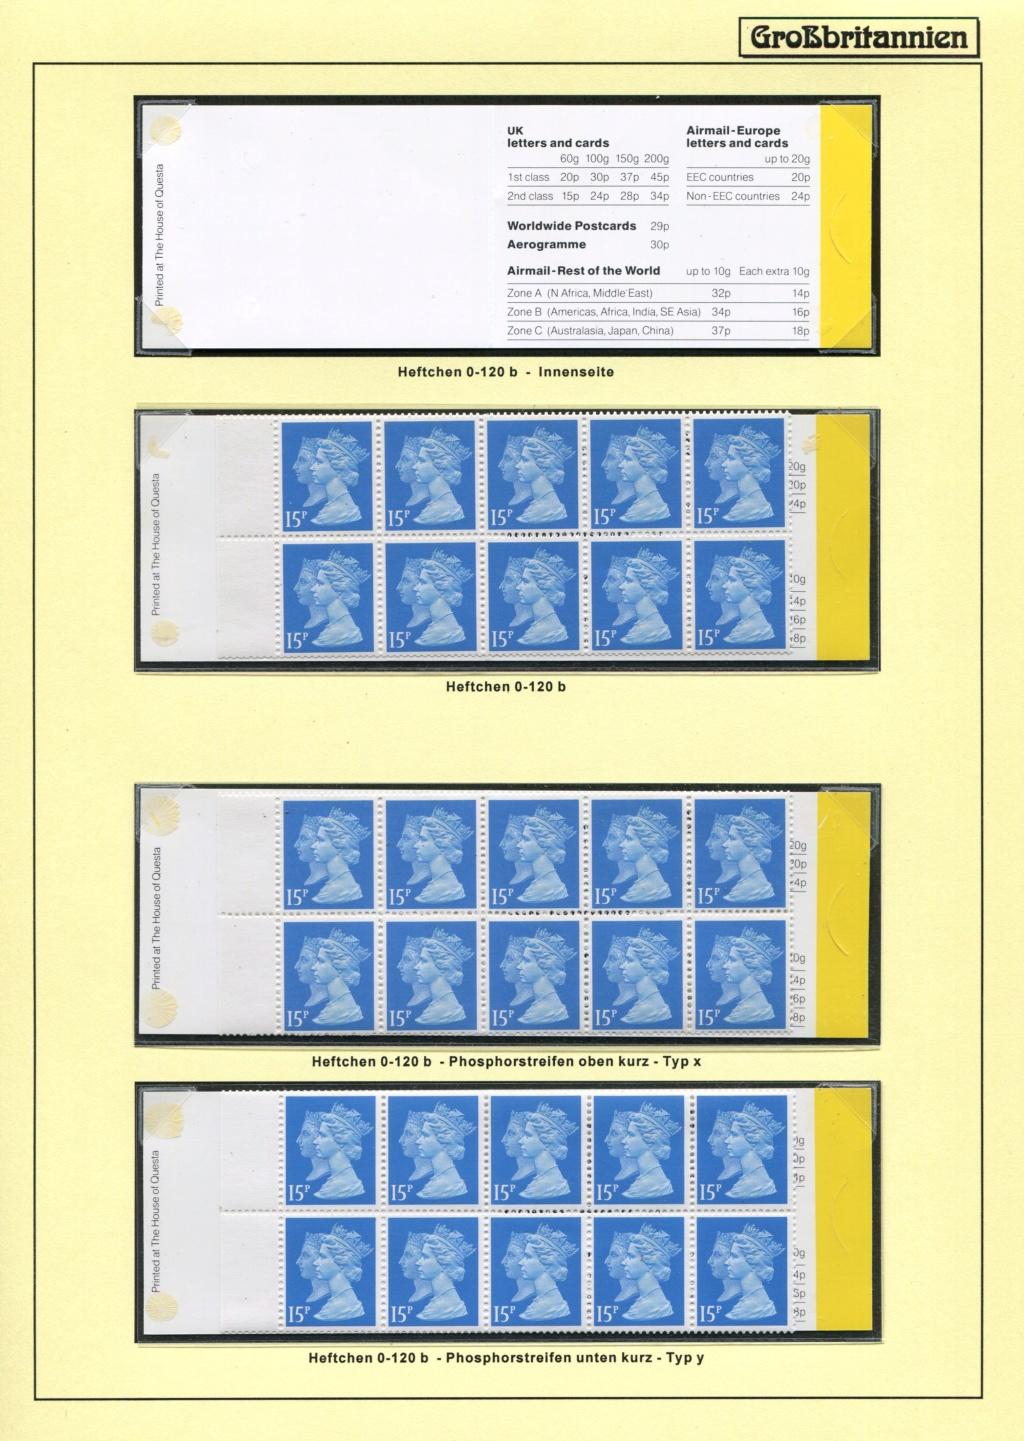 Großbritannien - 150 Jahre Briefmarken Black_52